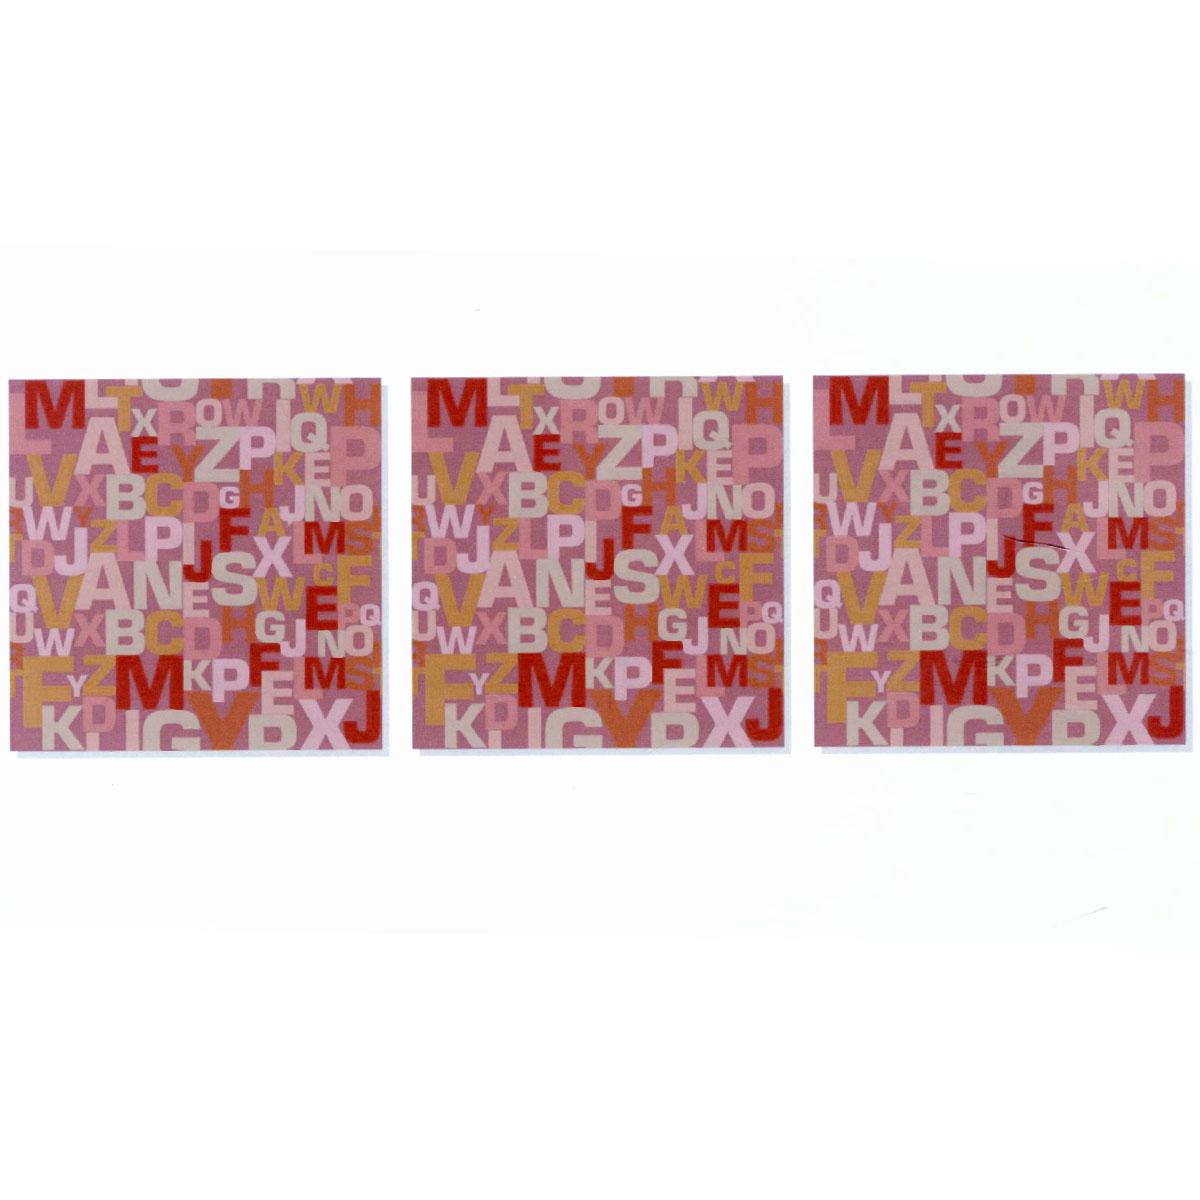 Модульная картина на холсте КвикДекор Буквы, 156 см х 50 смPSM-14-0392-3Модульная картина на холсте КвикДекор Буквы - это прекрасное решение для декора помещения. Картина состоит из трех частей (модулей), объединенных общей тематикой. Картина составная, то есть изображение на каждом модуле является самостоятельным. Такую композицию можно вешать как угодно - вертикально, горизонтально, со сдвигом или блоками. Модули вешаются на расстоянии 2-3 см друг от друга. Латексная печать (без запаха) на натуральном х/б холсте, галерейная натяжка на деревянные подрамники из высококачественной сосны. Такая картина будет потрясающе смотреться везде, где бы вы ее не повесили: в гостиной, спальне, офисе, в загородном доме, также подойдет для детской. Она оригинально украсит интерьер и сделает обстановку комфортной и уютной. Картина в стрейч-пленке с защитными картонными уголками упакована в гофрокоробку с термоусадкой. Размер модуля: 50 см х 50 см. Количество модулей: 3 шт. Общий размер картины: 156 см х 50 см. Художник: Ольга...